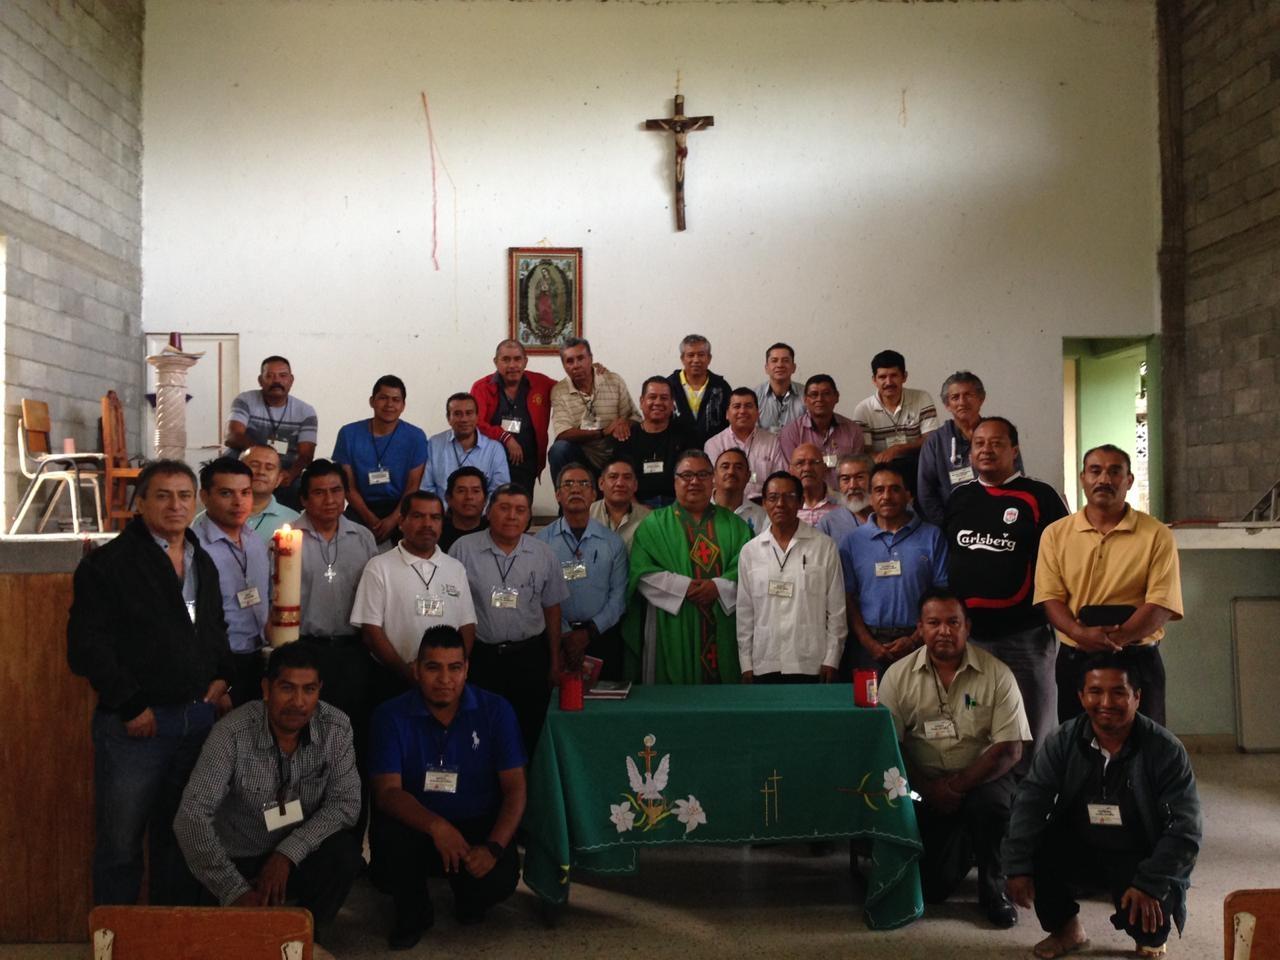 La diócesis de Chilpancingo-Chilapa, México, inicia el proceso de formación en miras al diaconado permanente